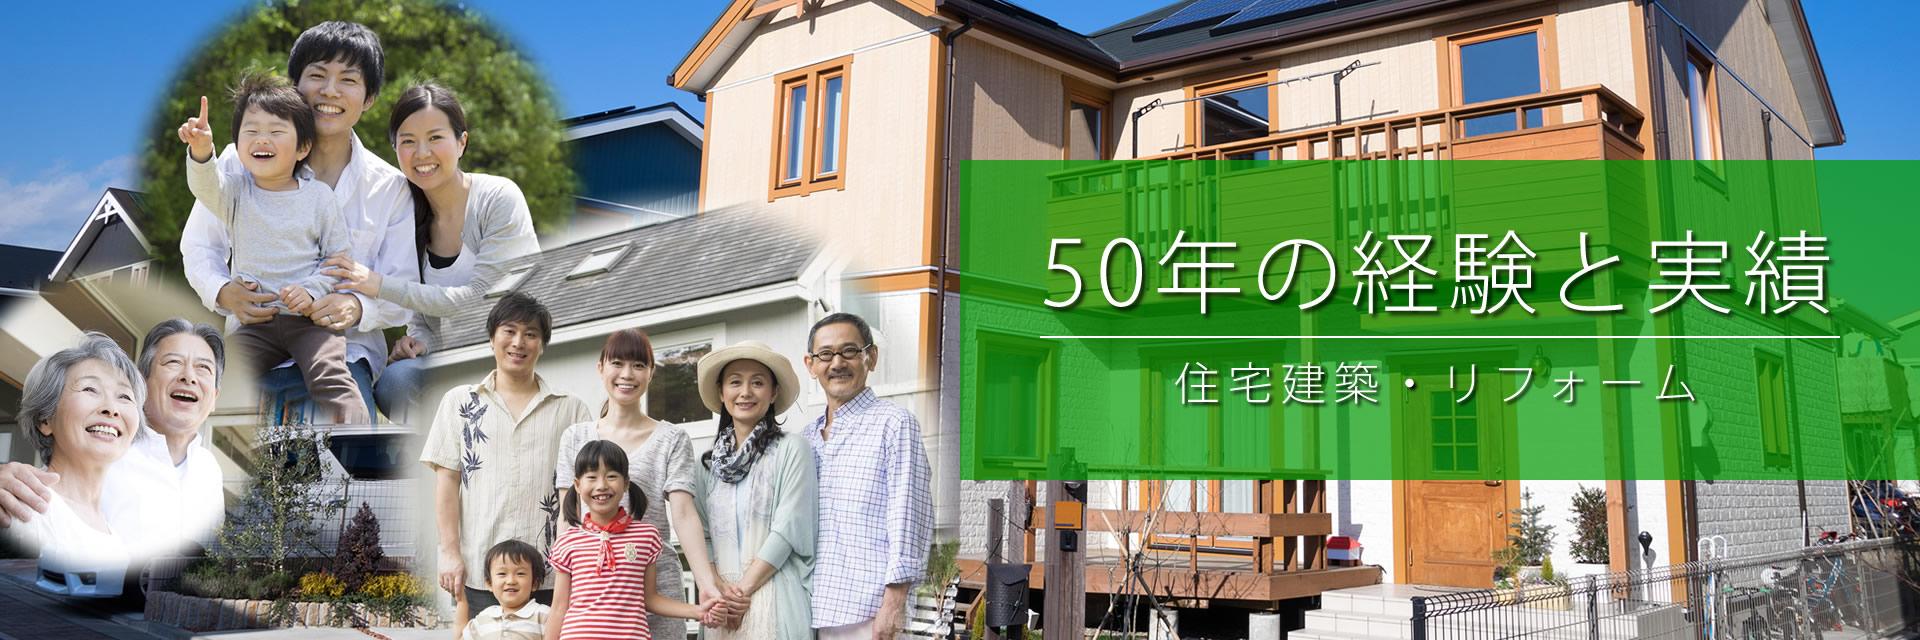 斉藤木材 株式会社